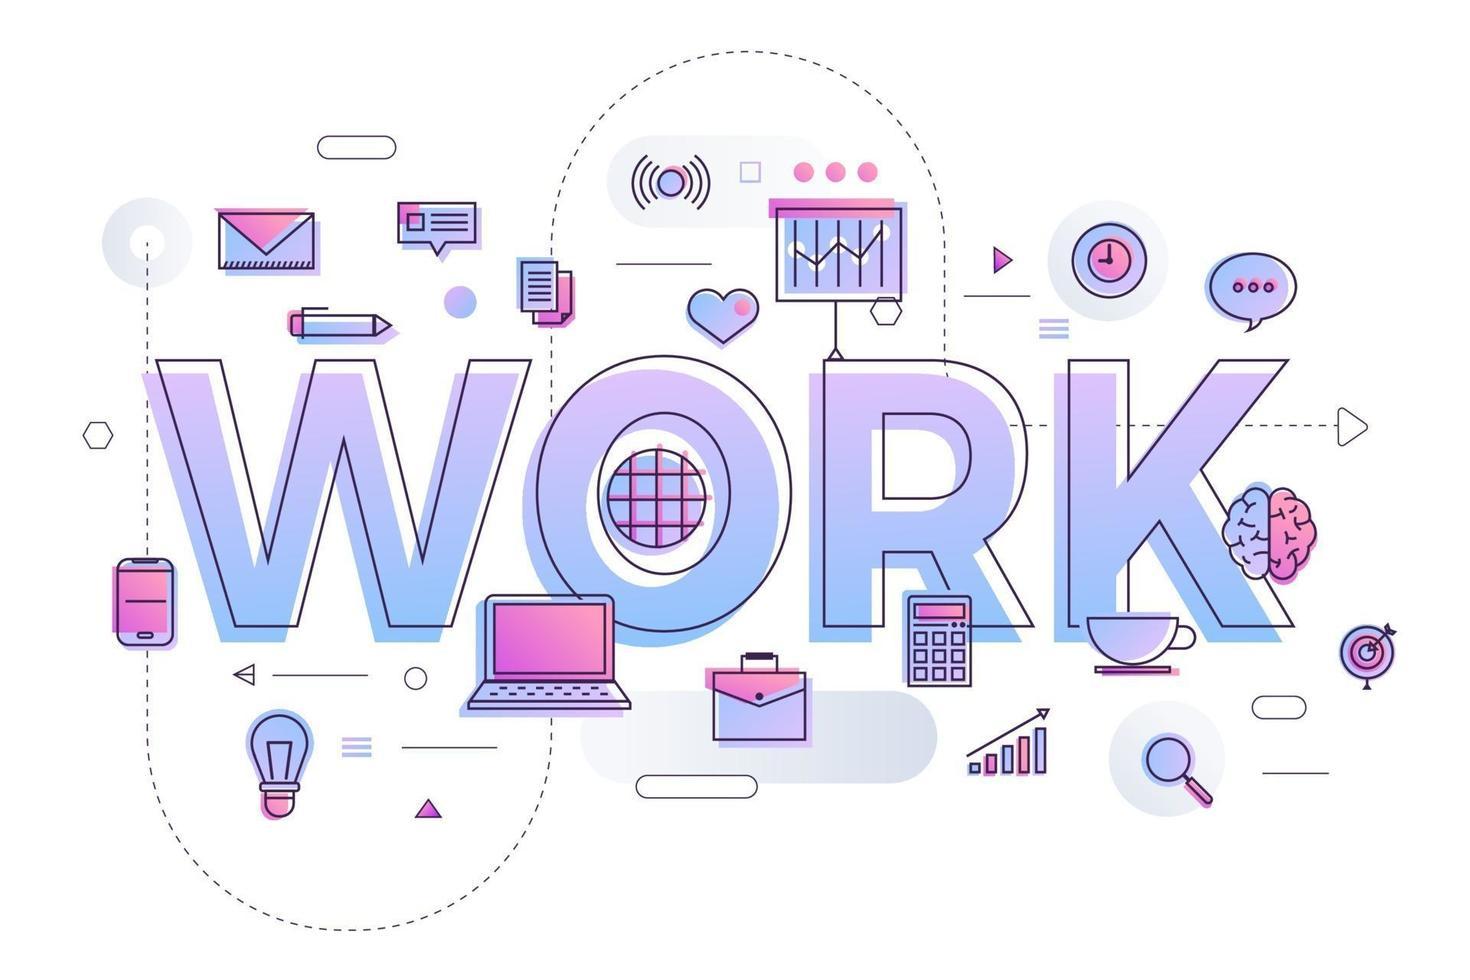 zakelijk woord werk vector